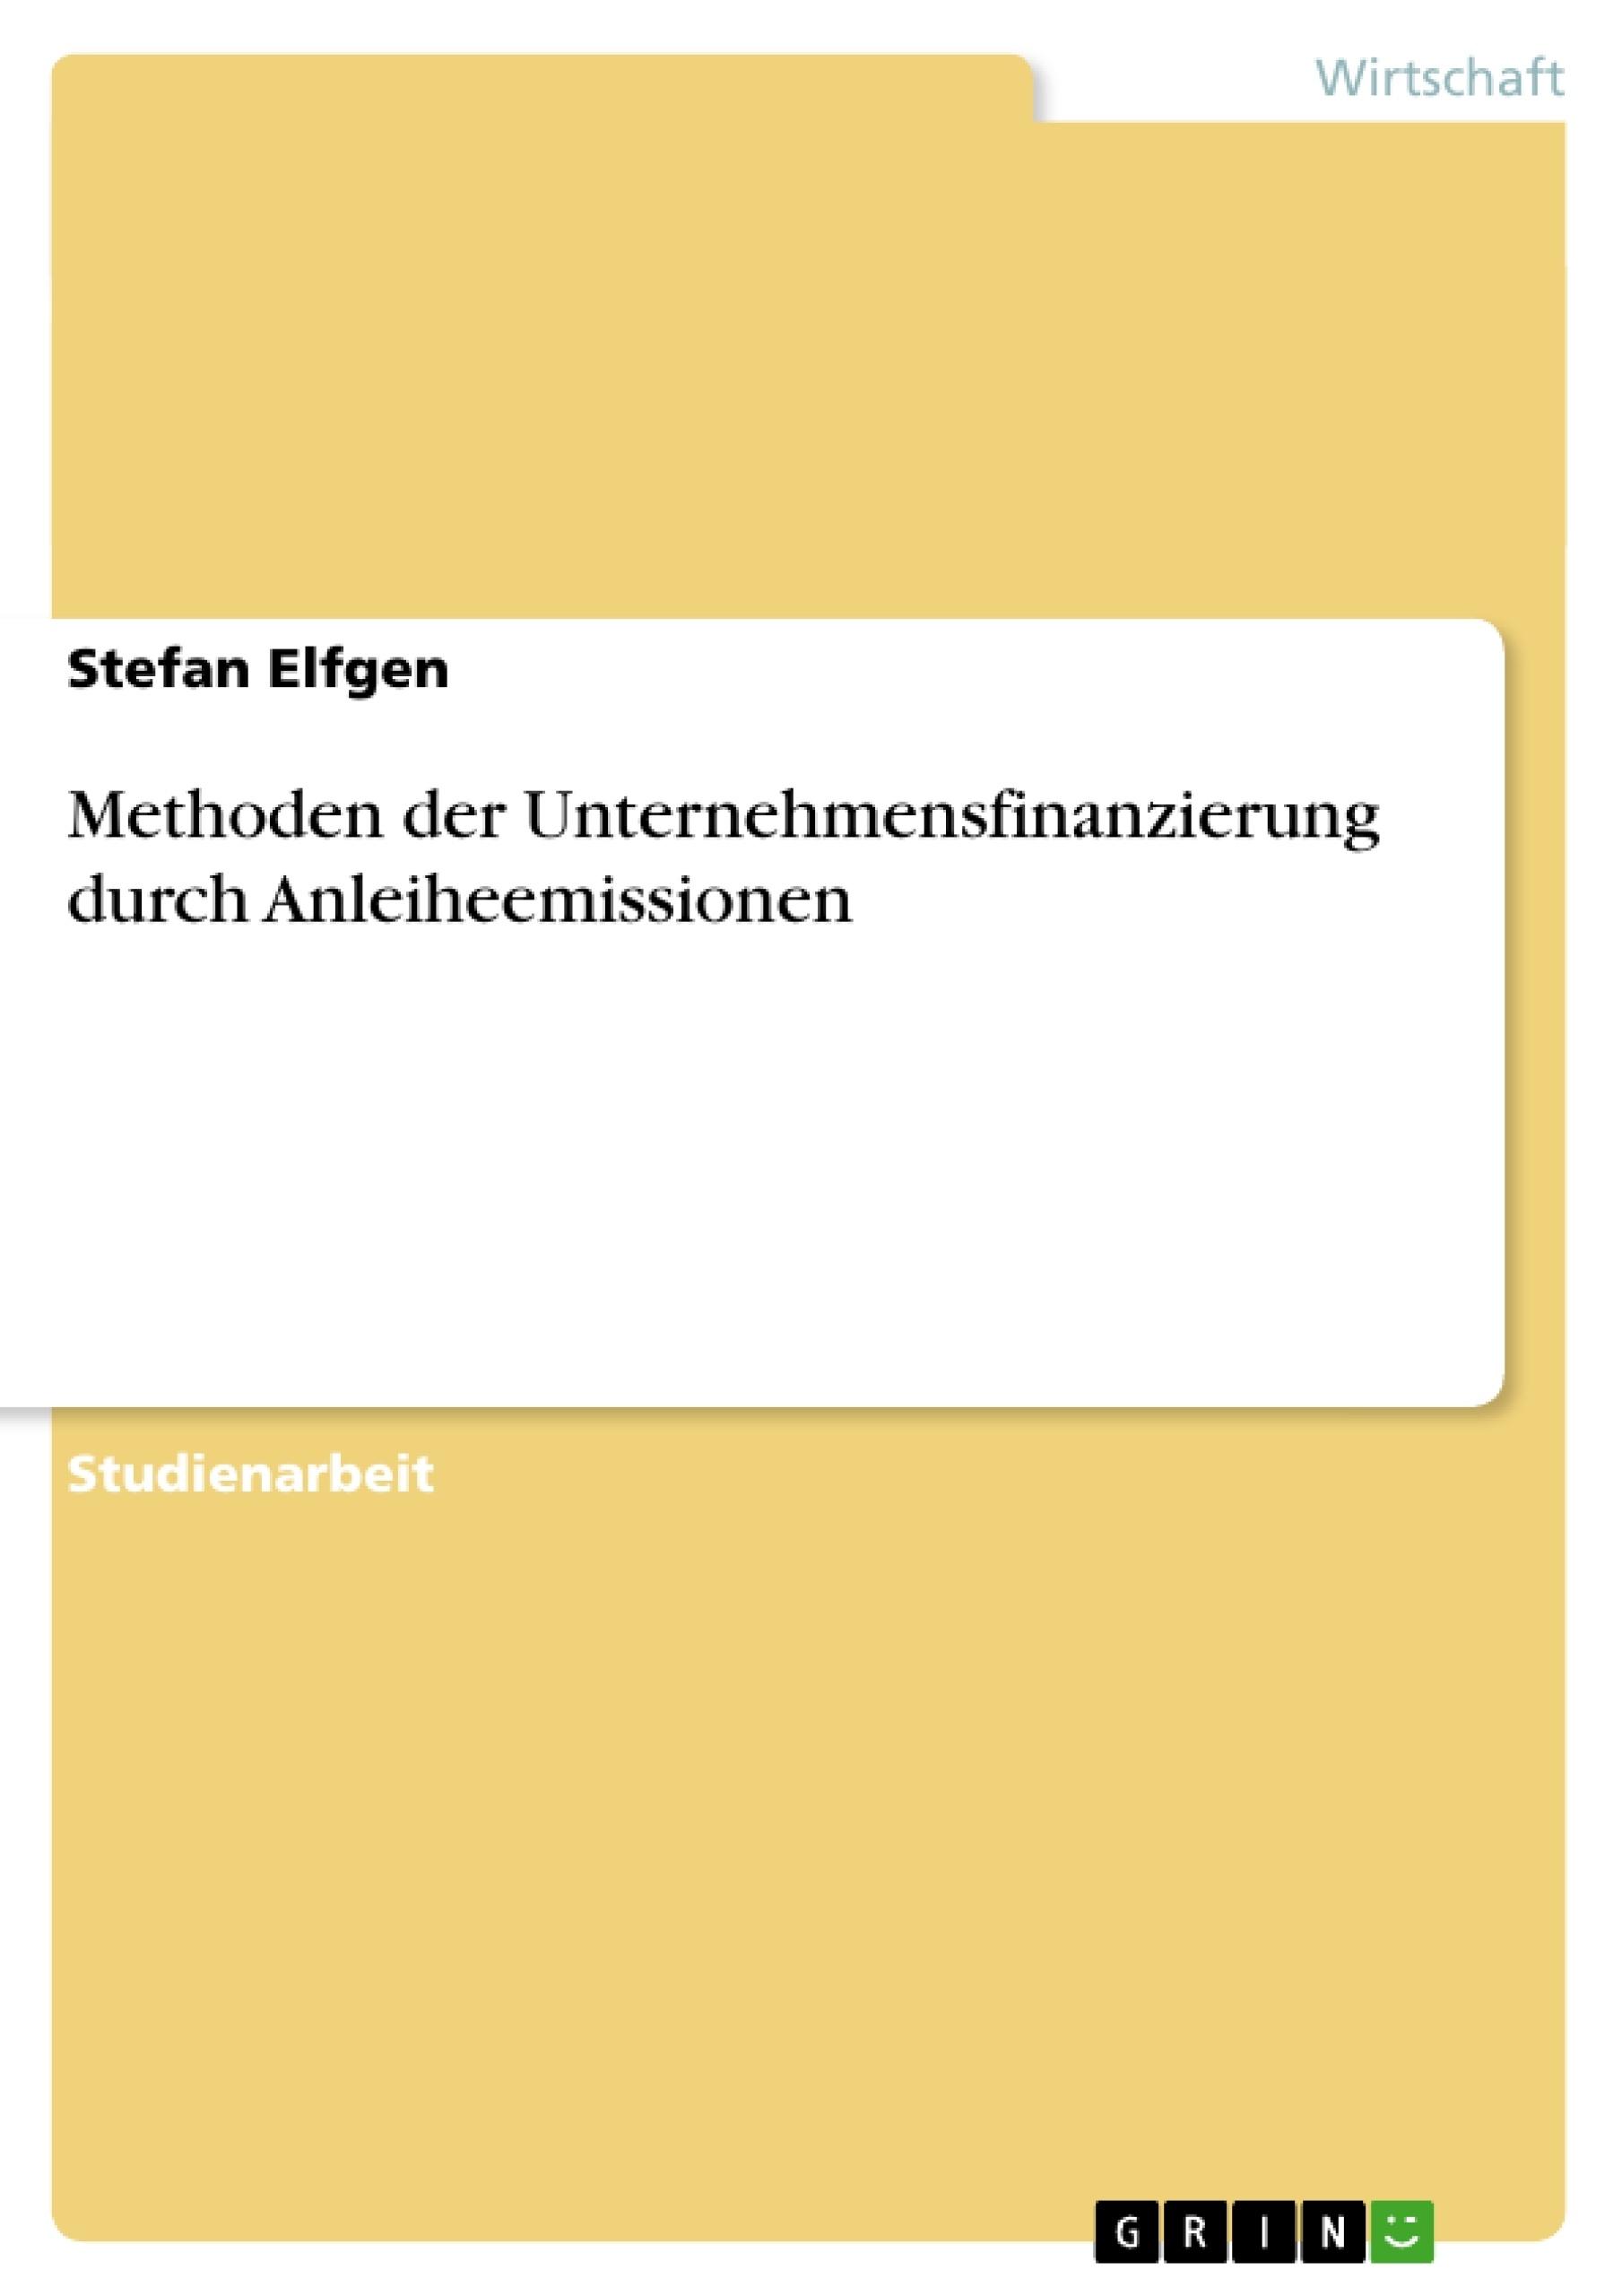 Titel: Methoden der Unternehmensfinanzierung durch Anleiheemissionen